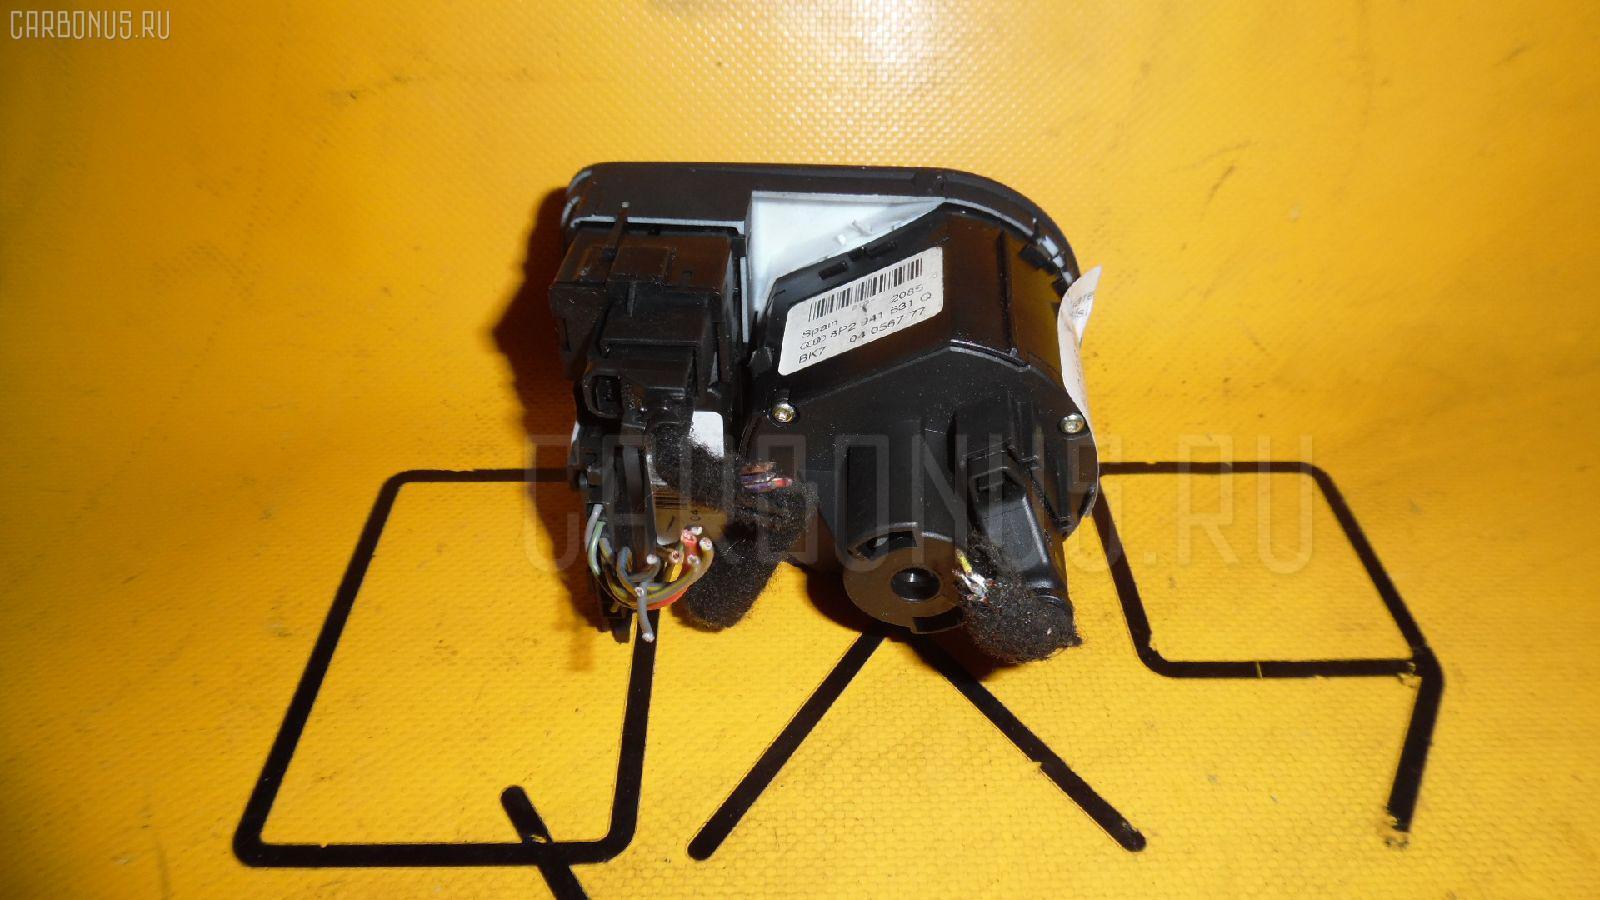 Переключатель света фар AUDI A3 SPORTBACK 8PBLR BLR Фото 1